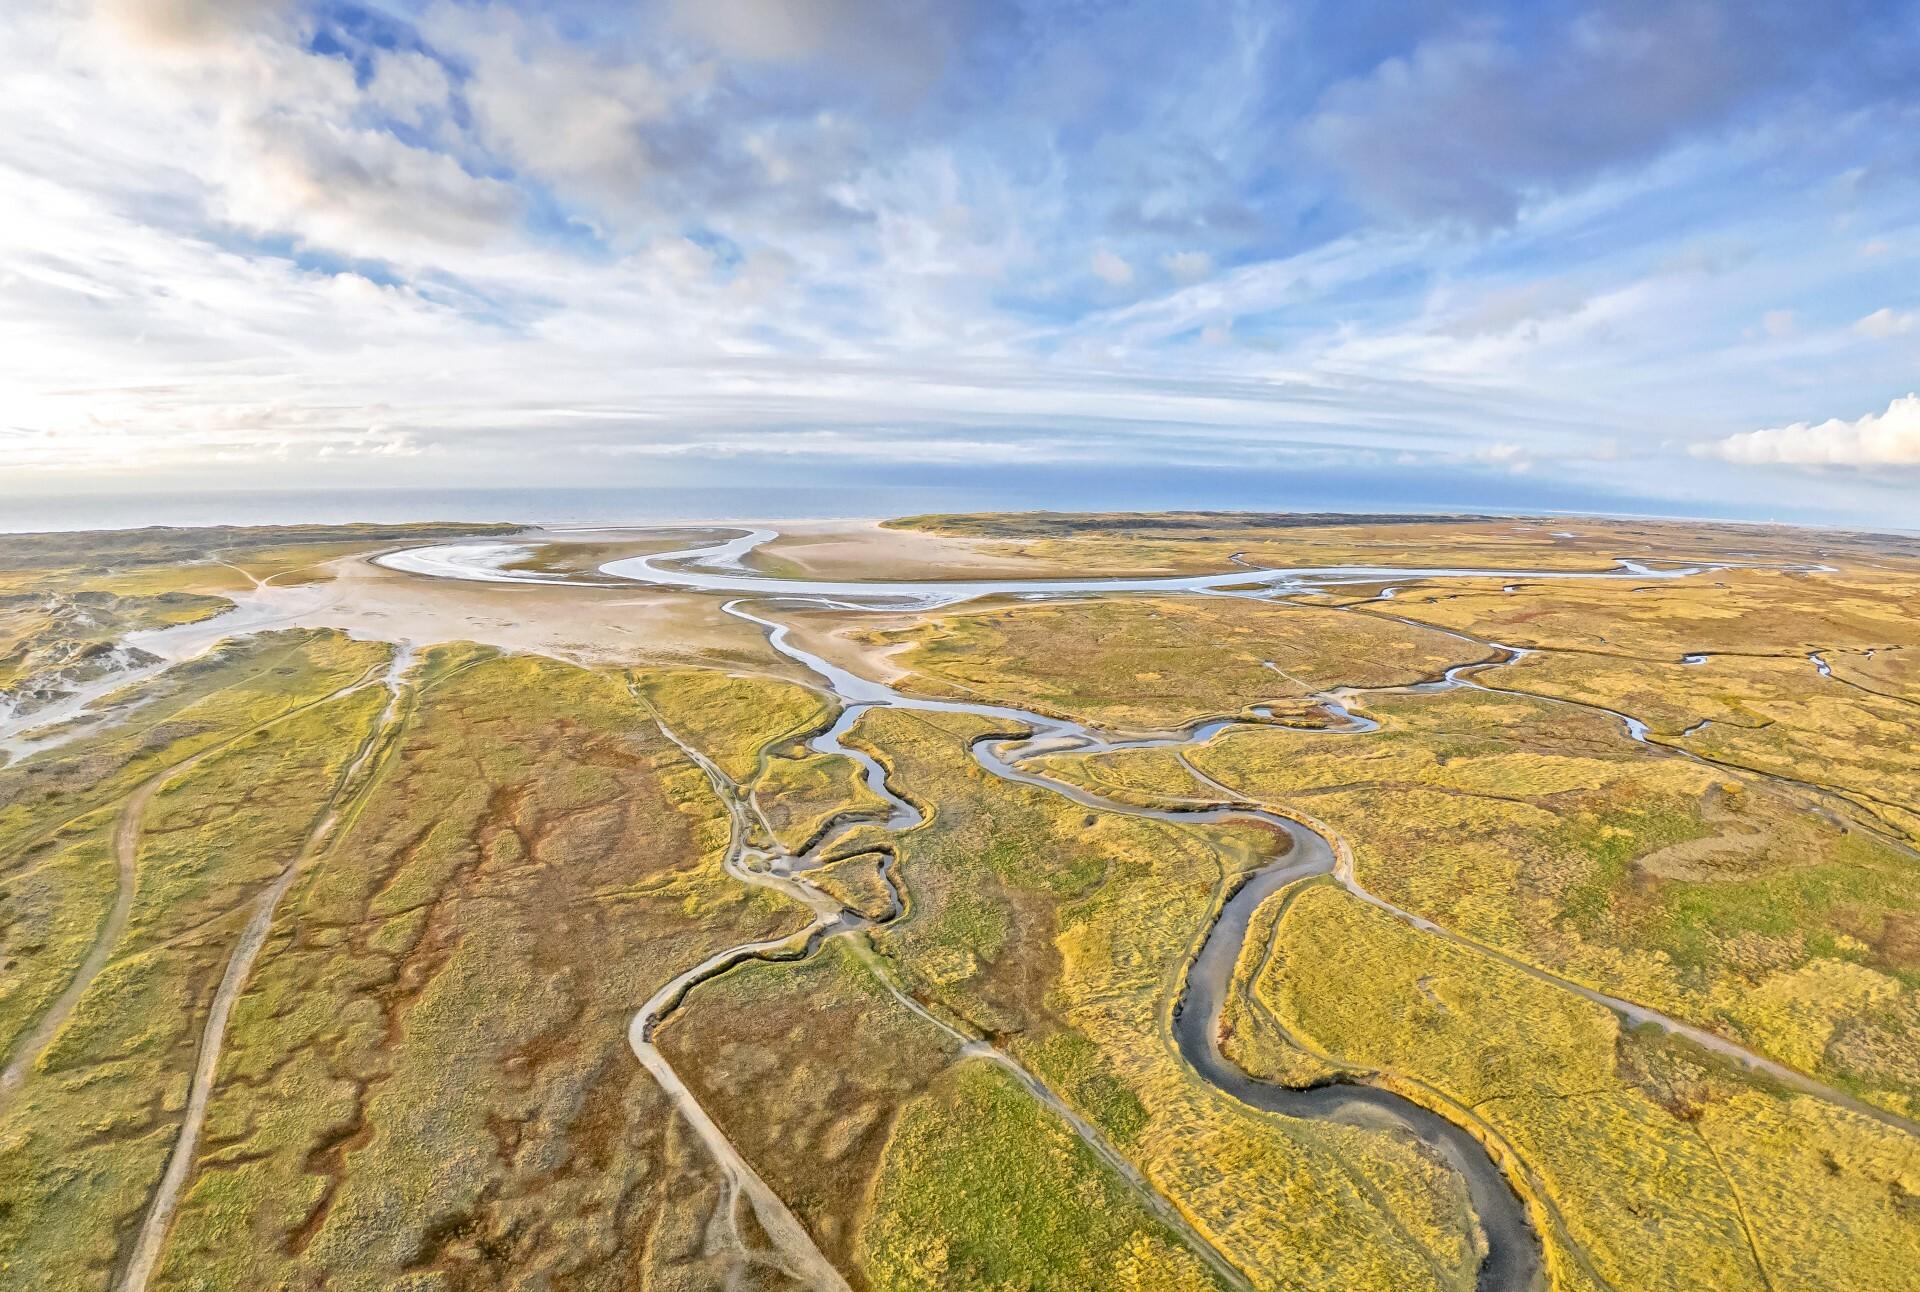 Luchtfoto van De Slufter VVV Texel fotograaf Justin Sinner